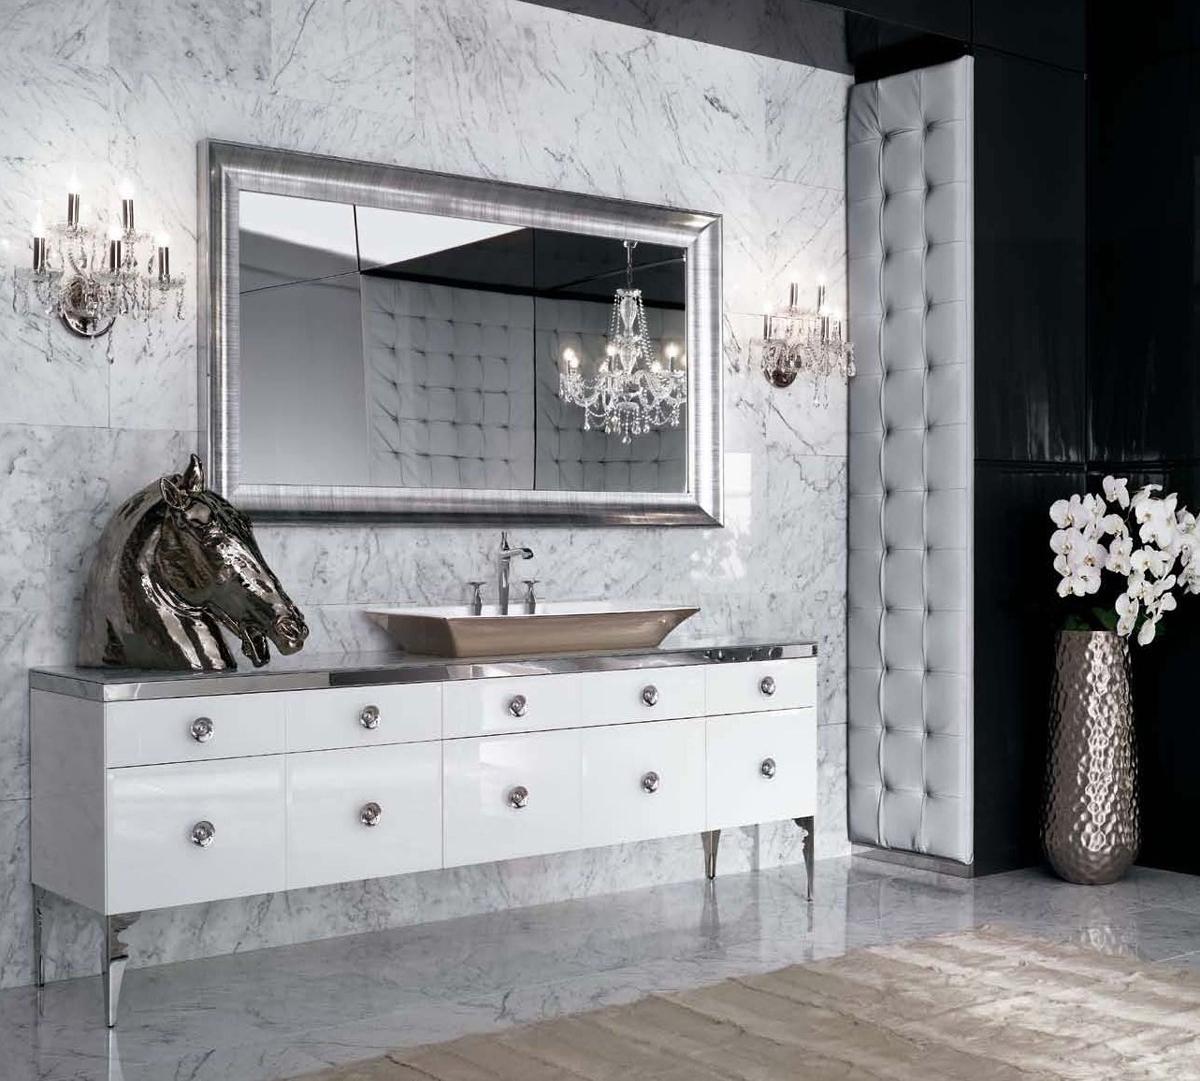 Люстра и бра в стиле арт-деко в ванной